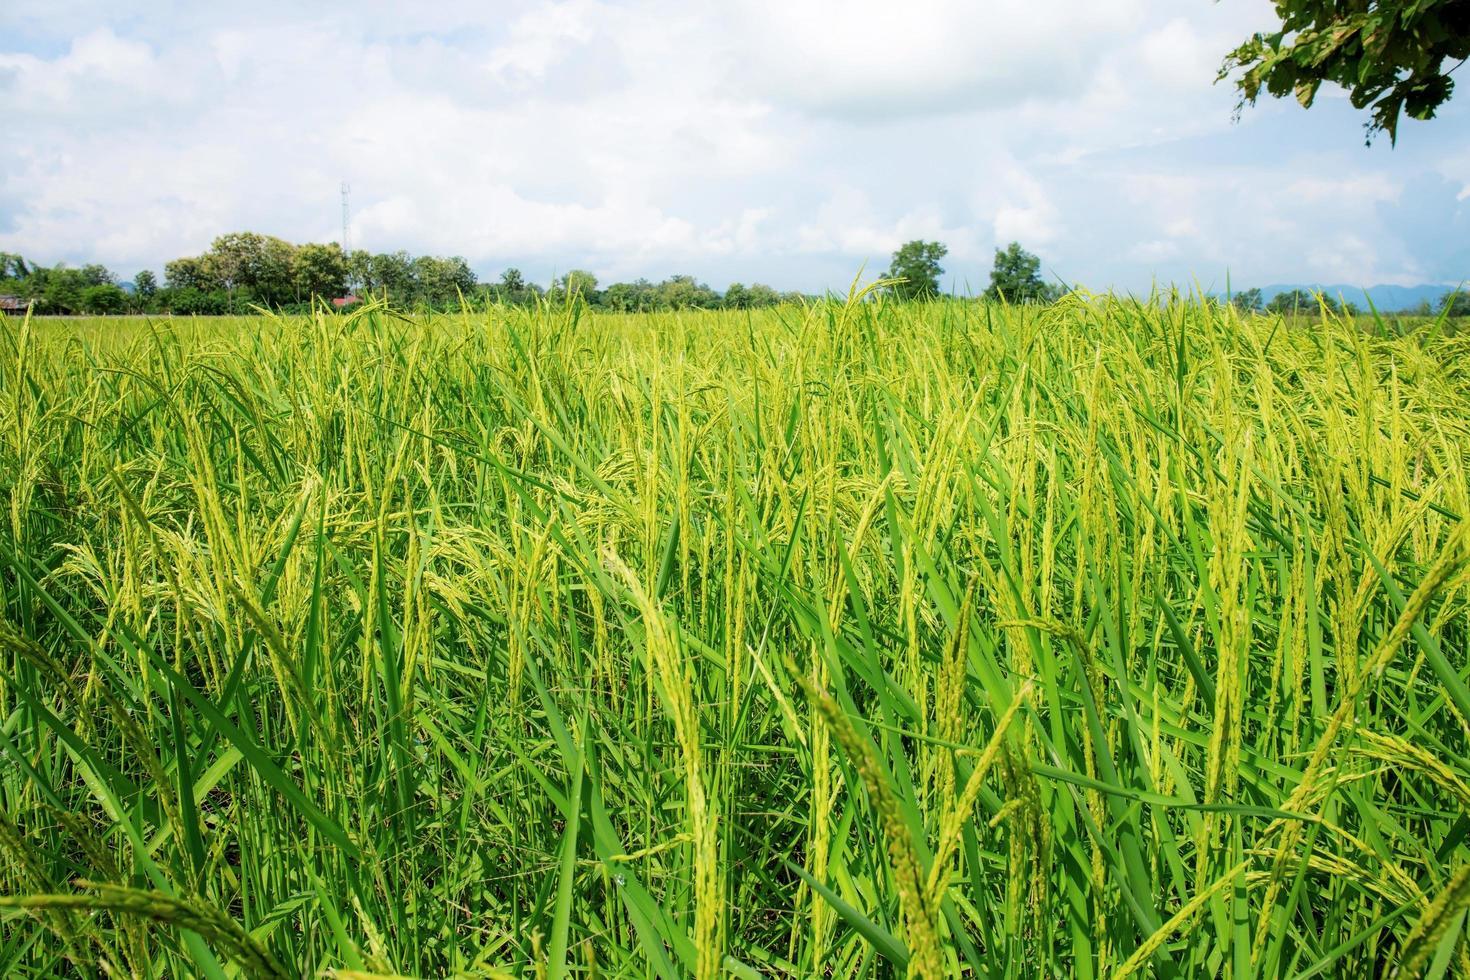 eine wachsende Reisfeldansicht am bewölkten warmen Tag in Thailand foto